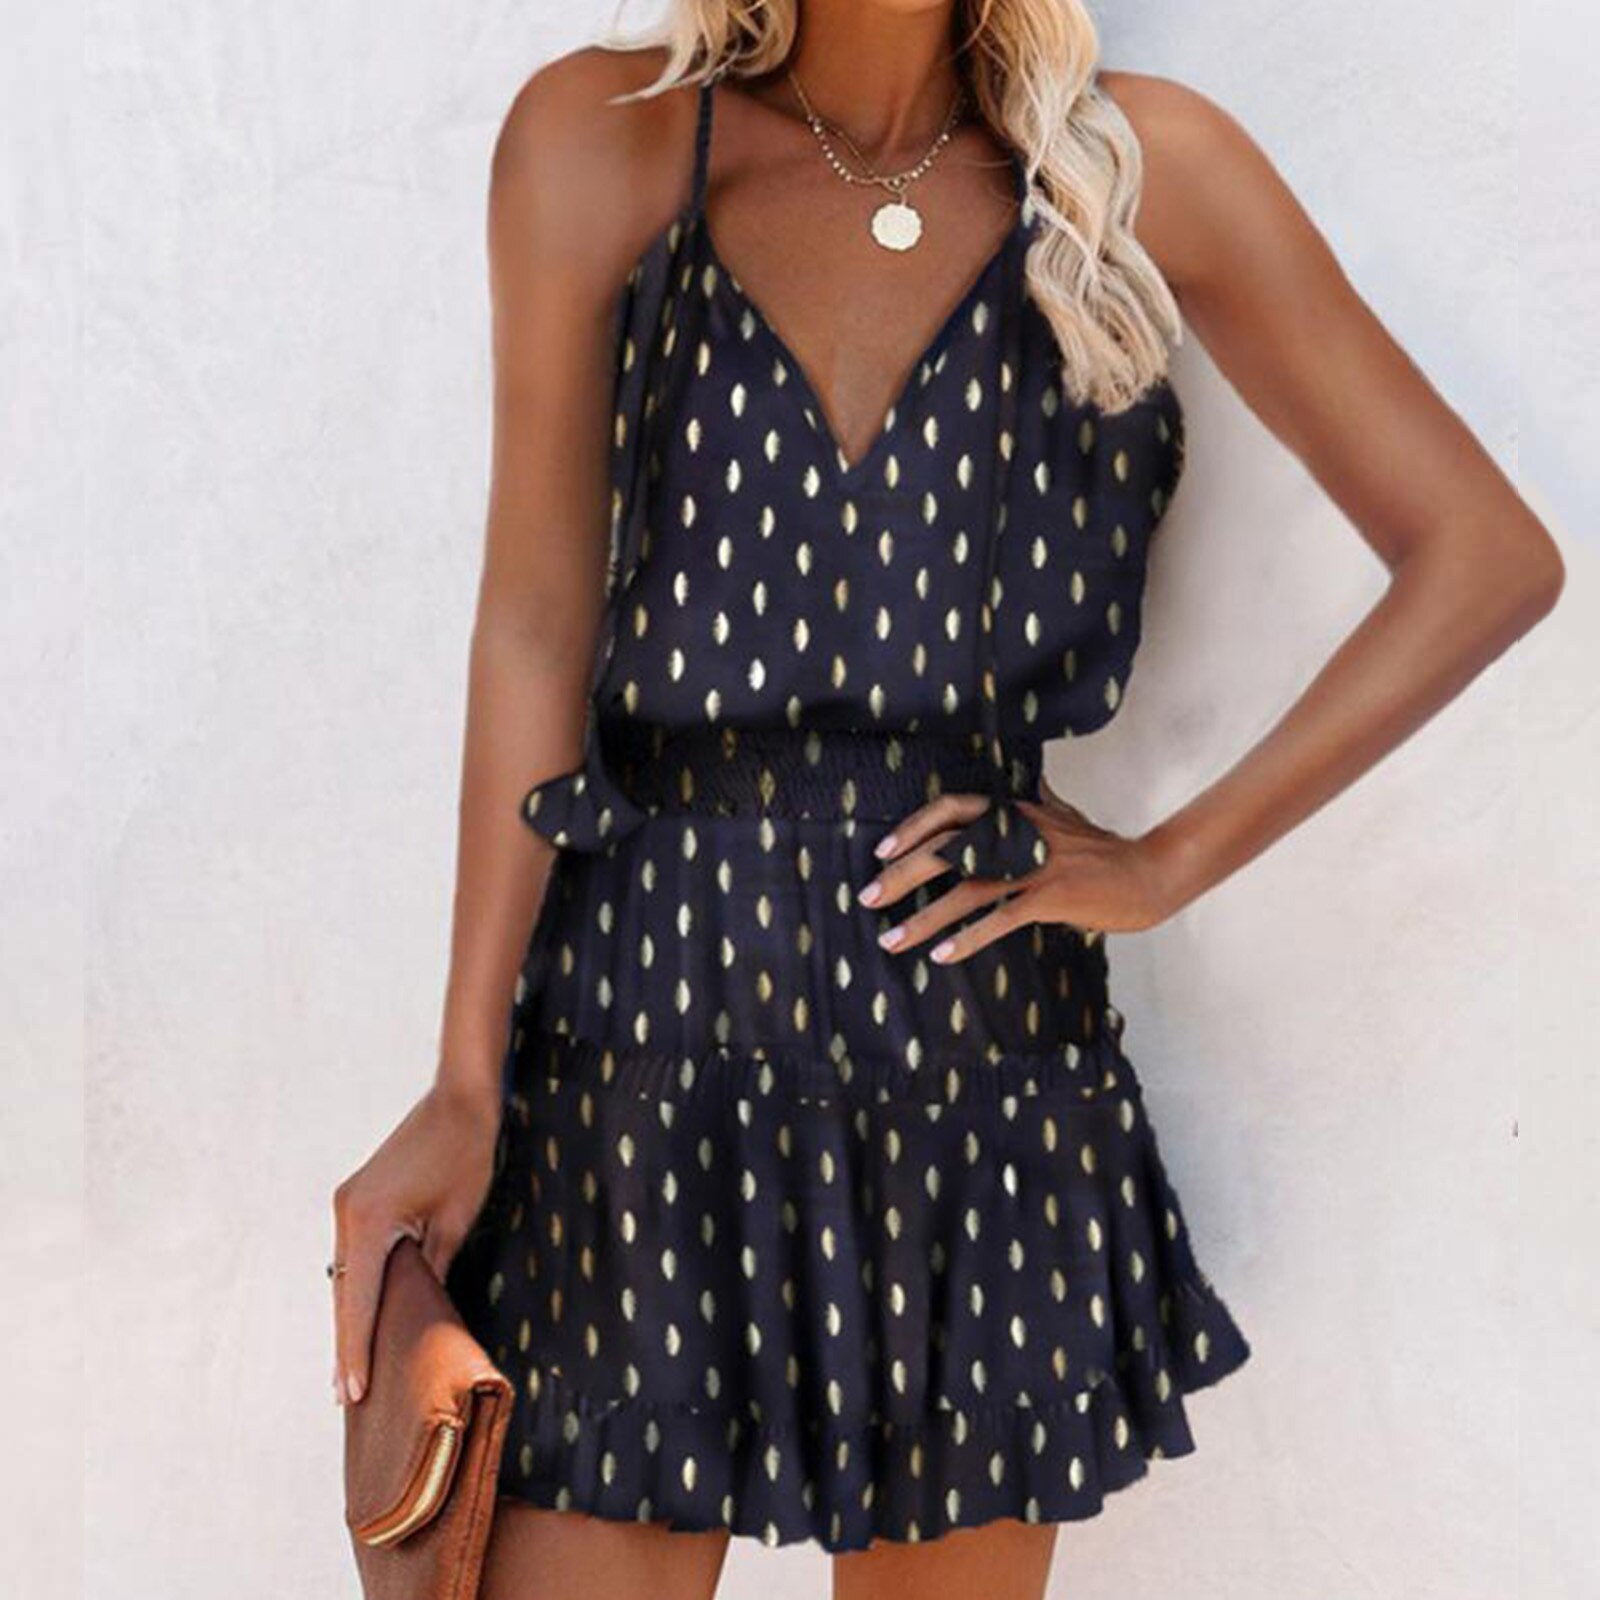 Sommer Y2k Vintage Elegante Frauen Kleid V Ausschnitt Gedruckt Armelloses Ruschen Strumpf Plus Grosse Dame Kleider 2021 Vestidos Sissy Schule De